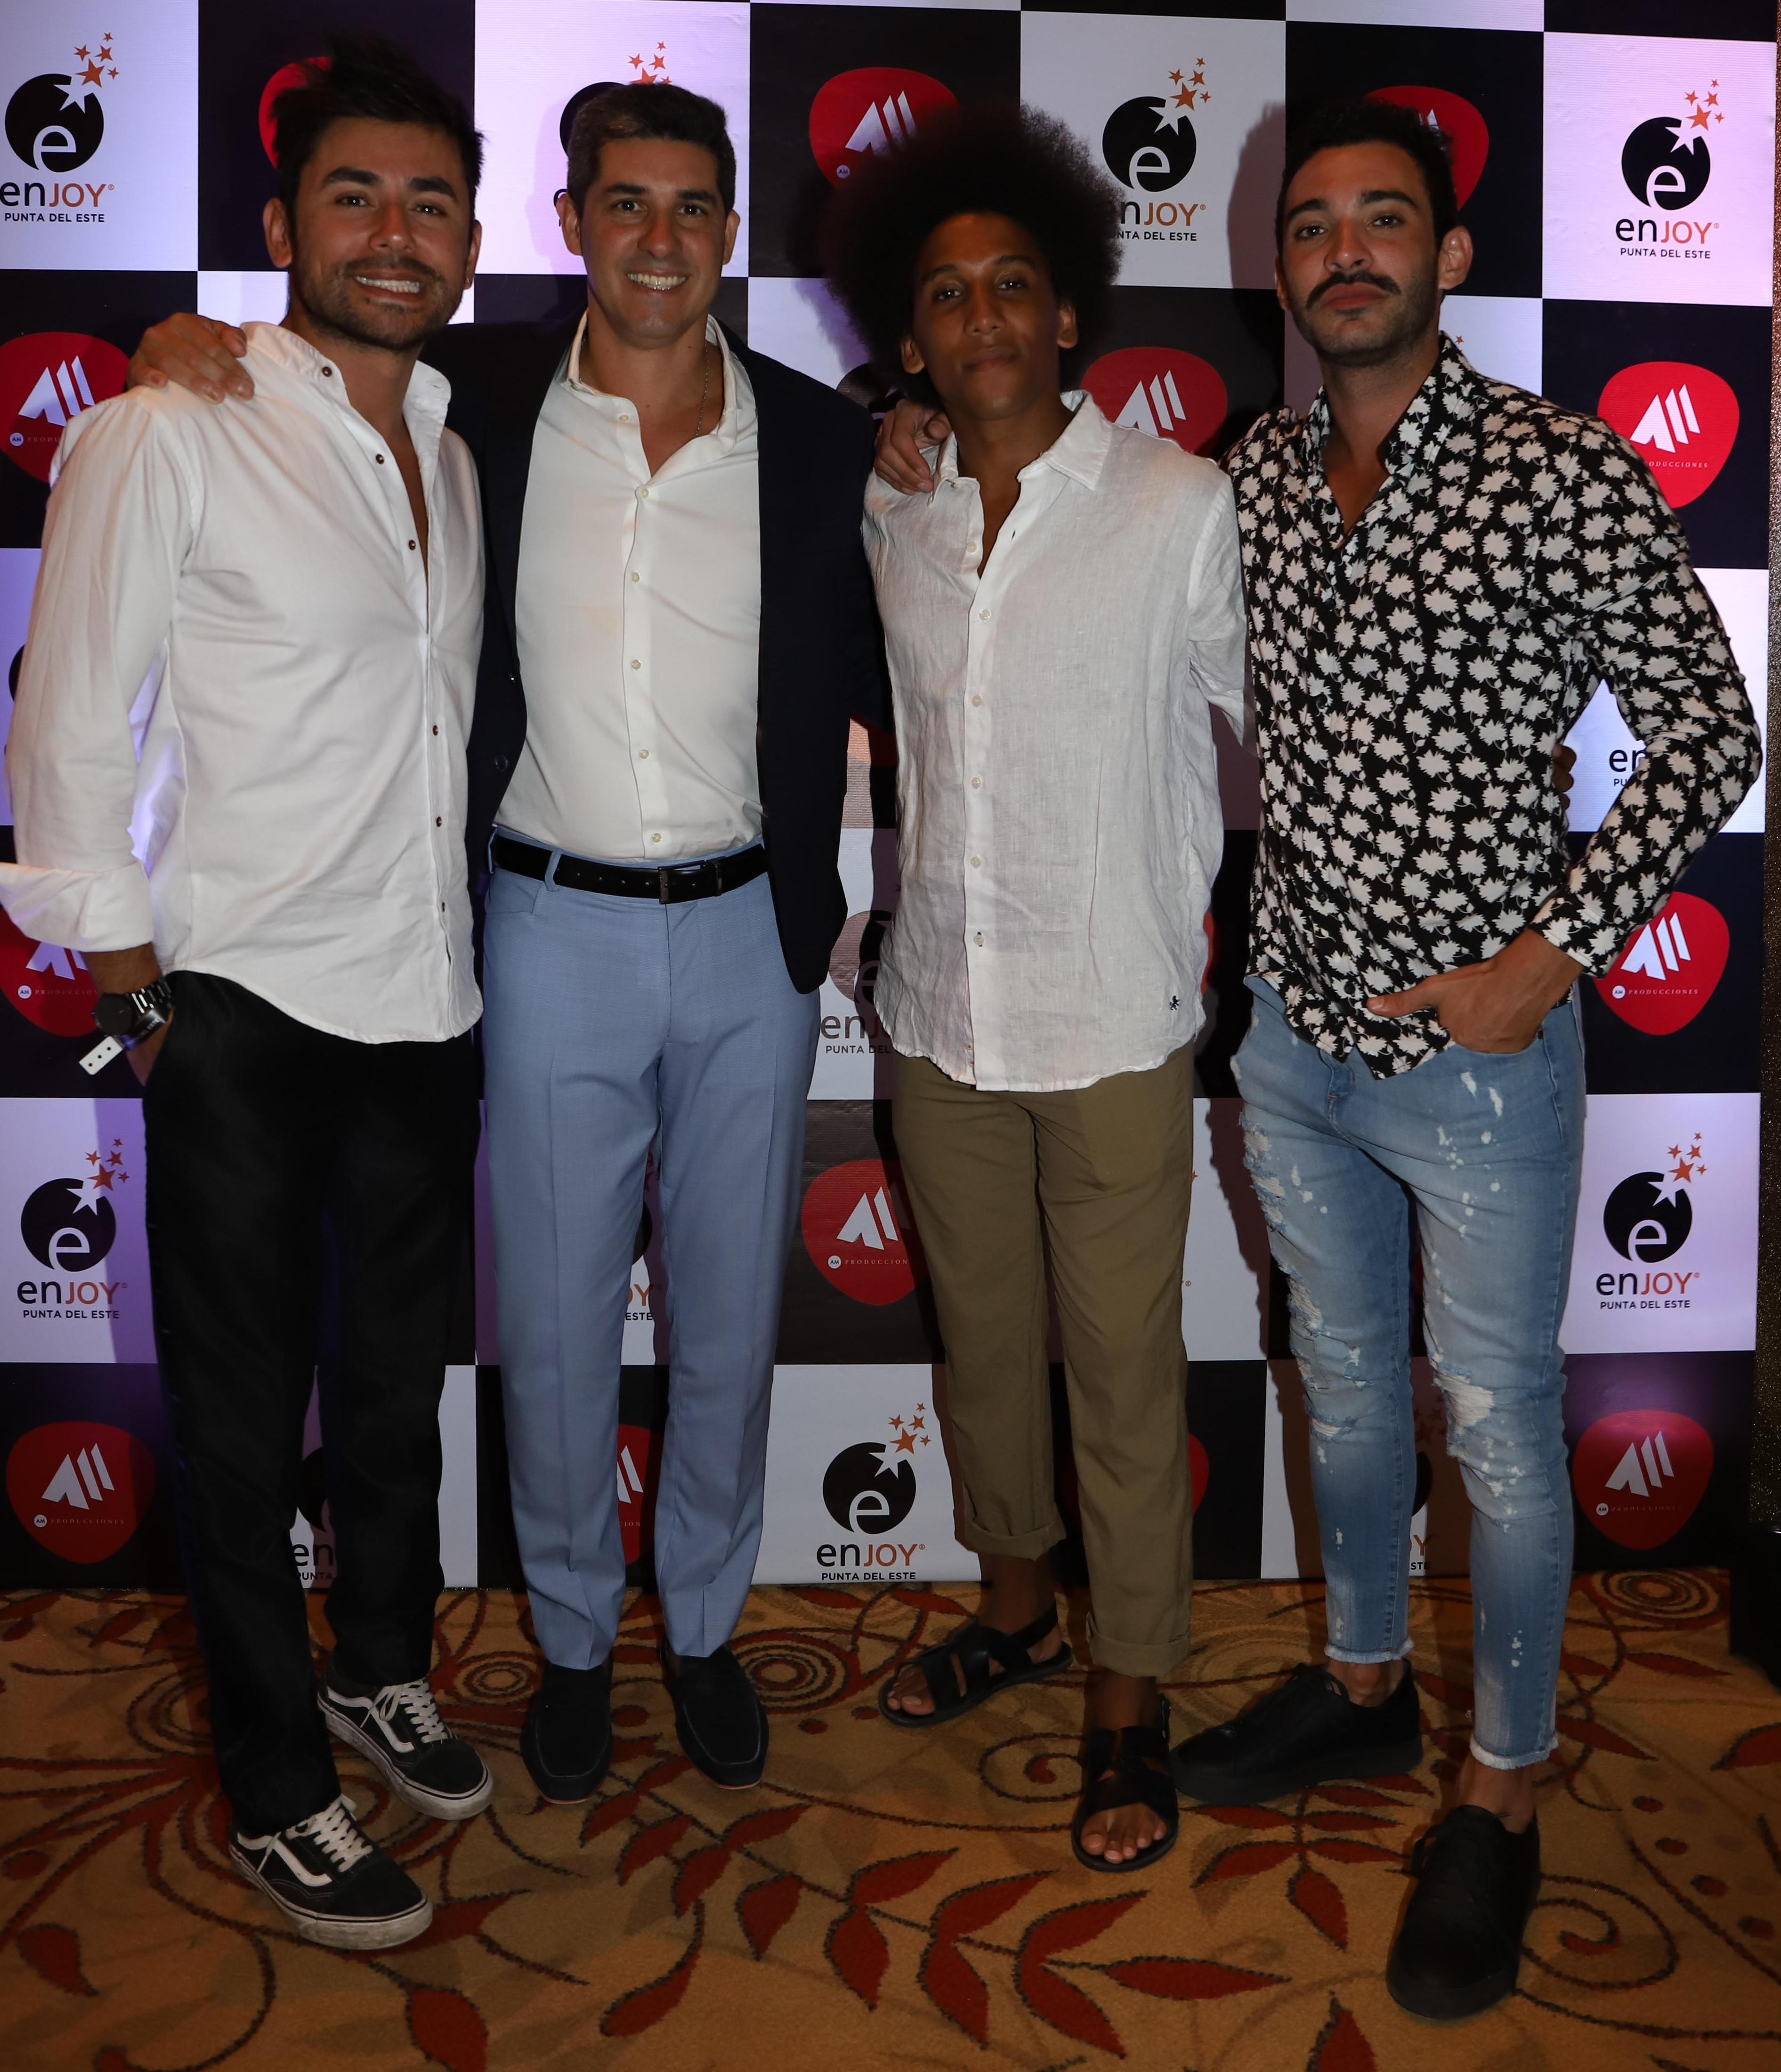 Javier Azcurra, director y RRPP de Enjoy Punta del Este, junto a Emanuel García, Ignacio Sureda y Daniel Pacheco